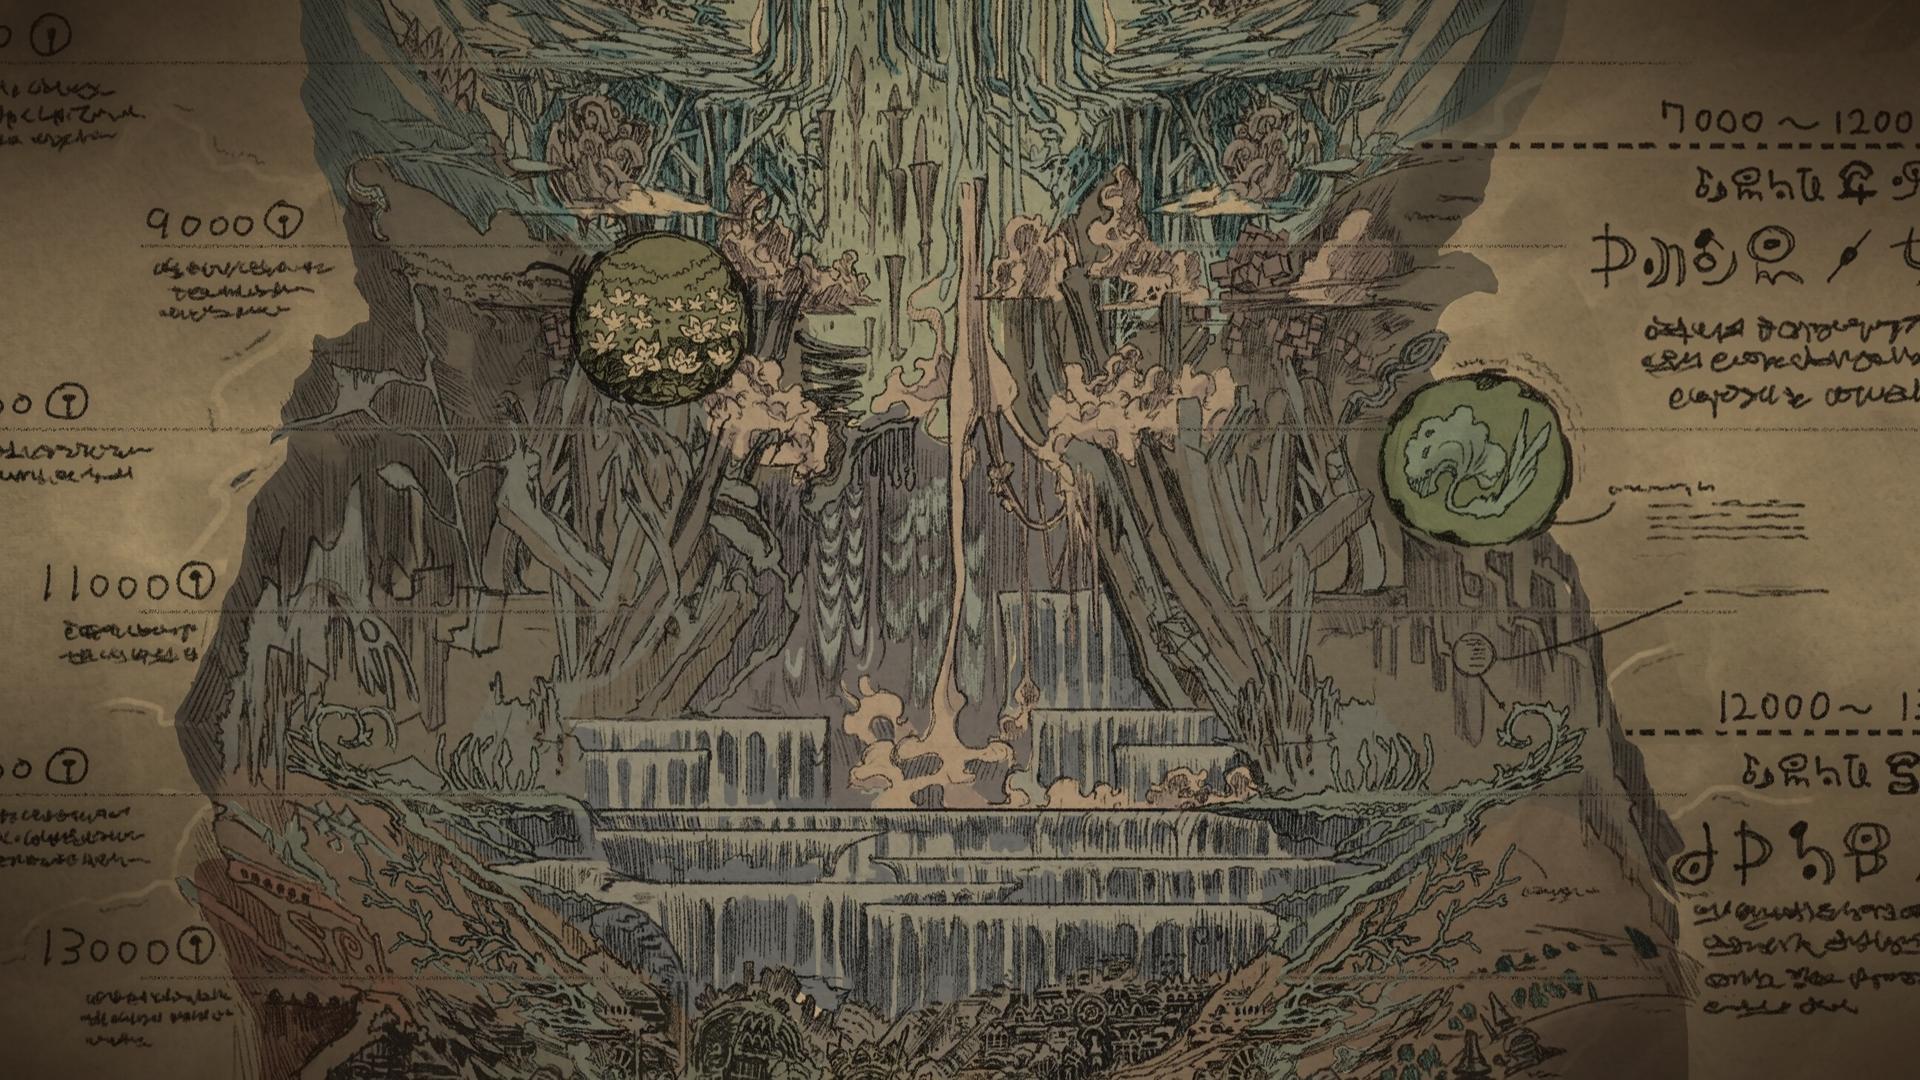 来自深渊 深沉灵魂的黎明/Gekijouban Made in Abyss: Fukaki Tamashii no Reimei/メイドインアビス 深き魂の黎明 [BD 1920x1080 HEVC-YUV420P10 FLACx2][Snow-Raws]